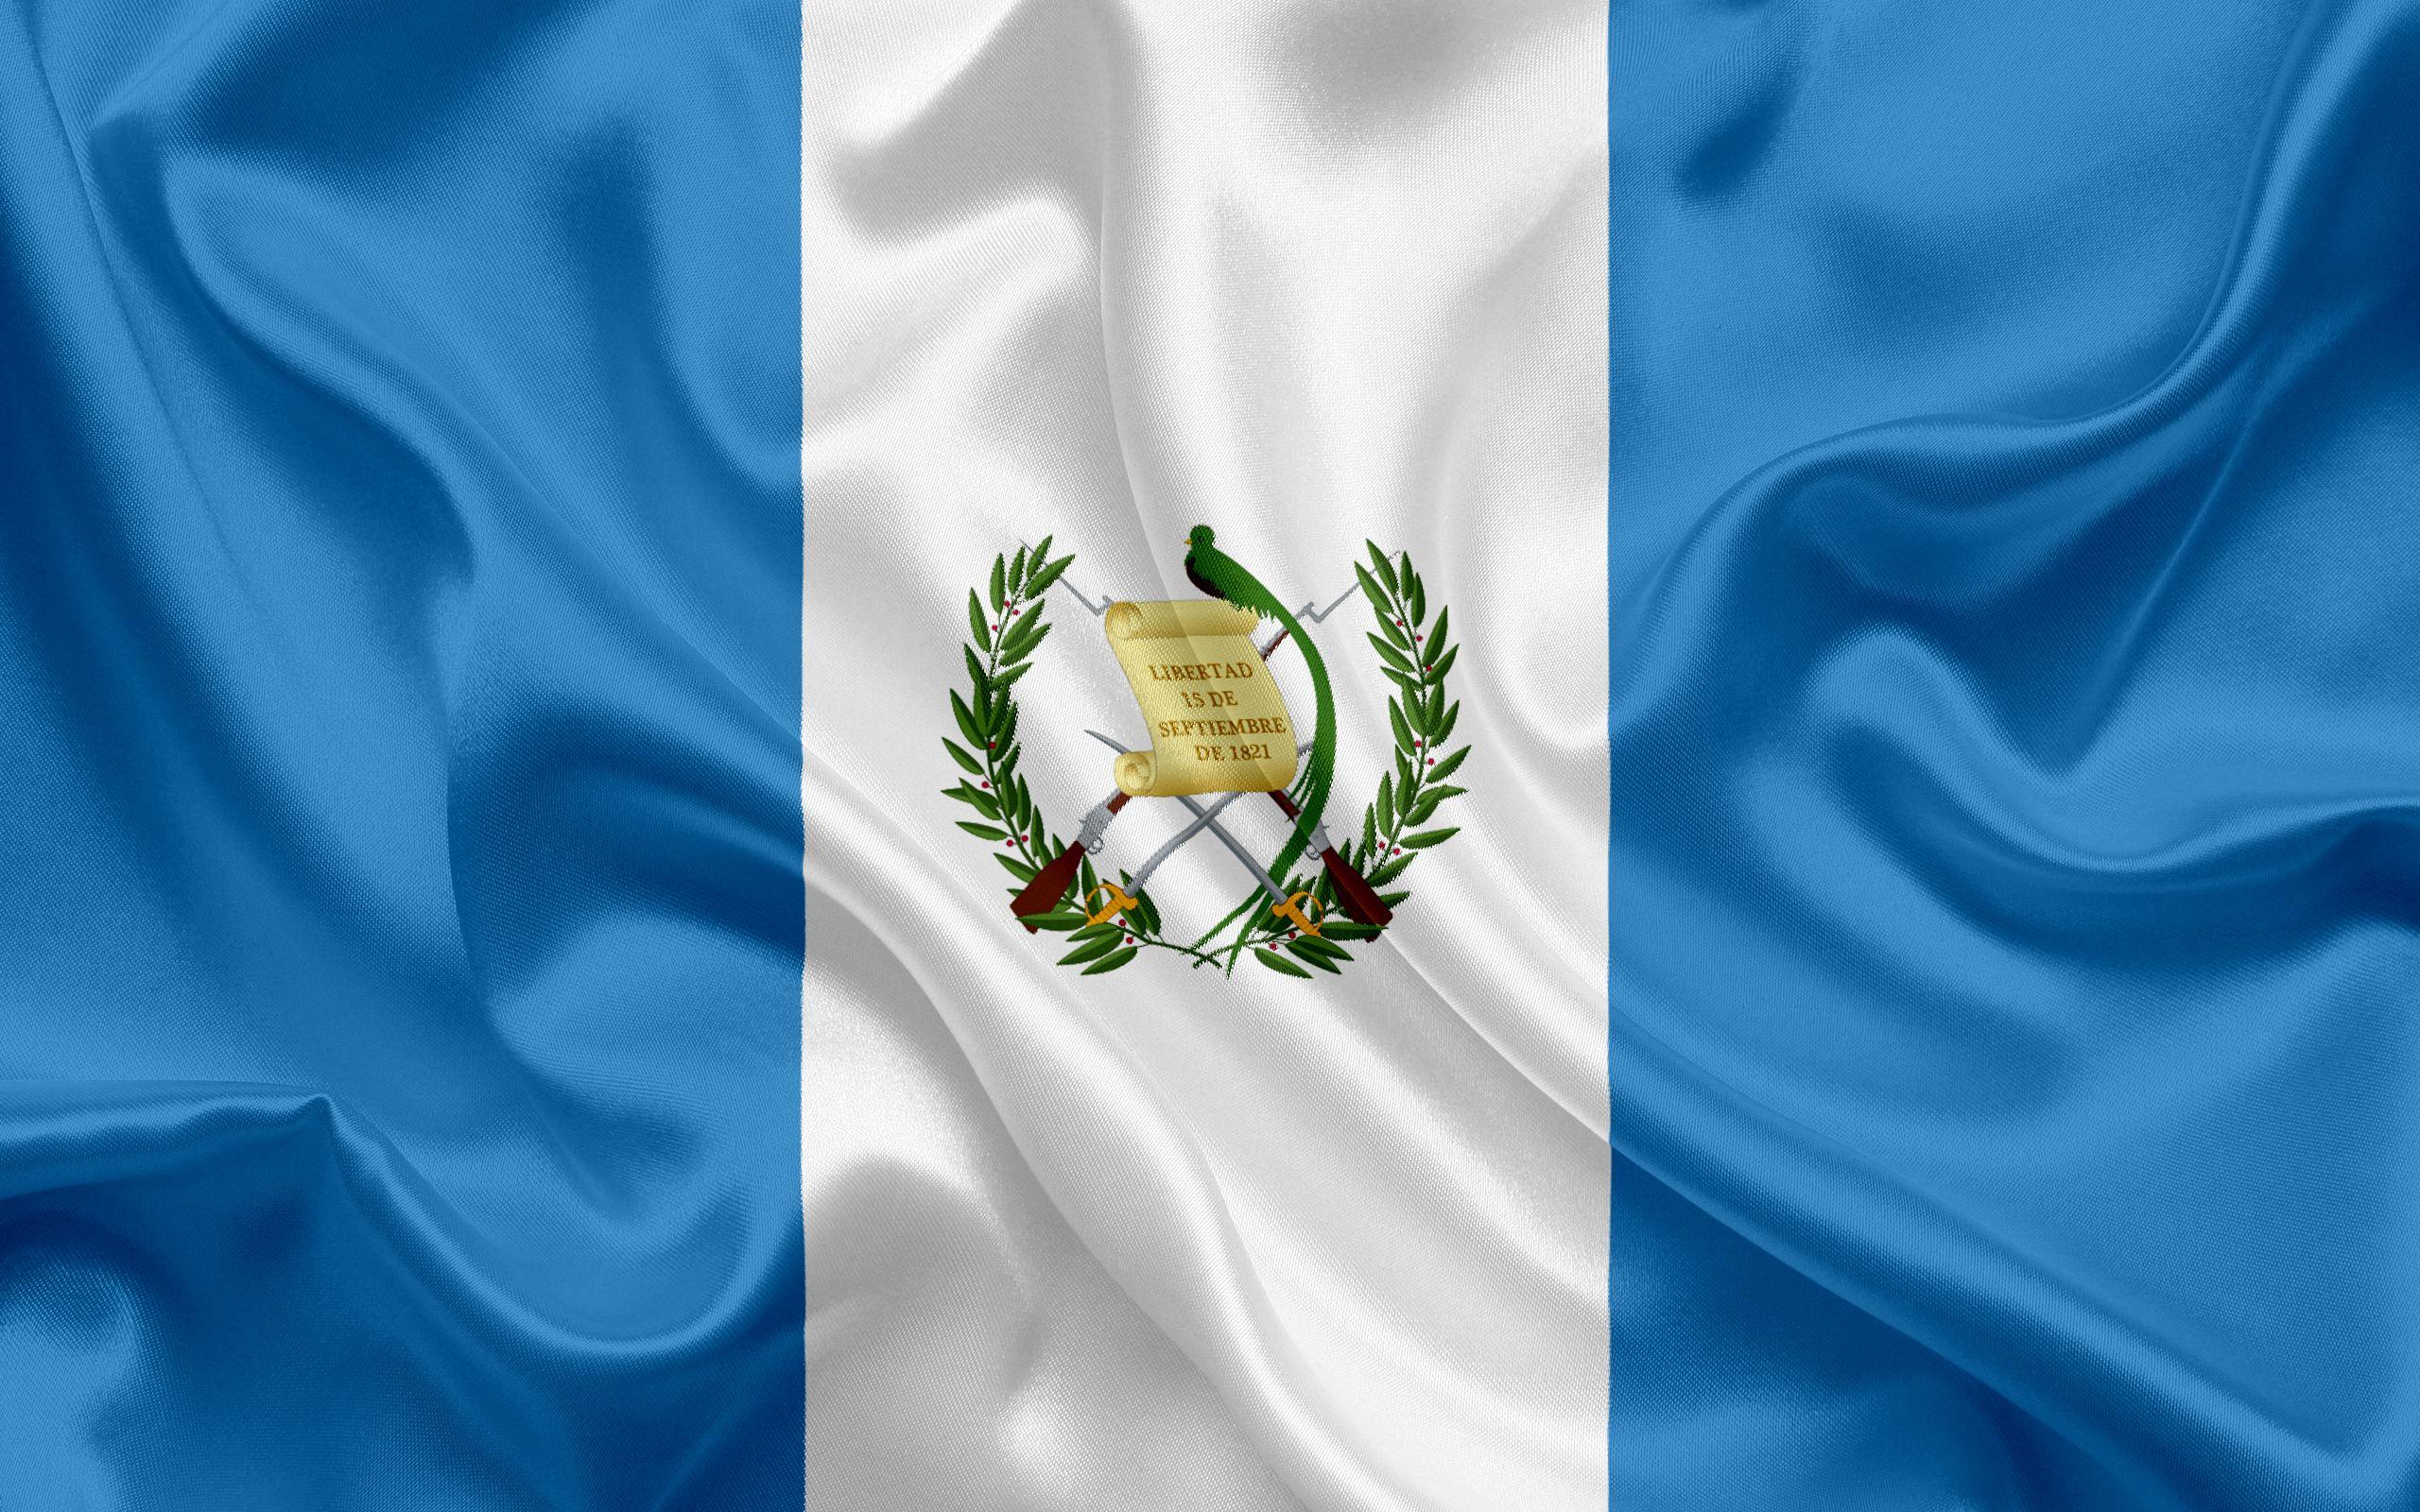 Guatemala Bandera America Central Guatemala Bandera Nacional Bandera De Guatemala Bandera De Guatemala Imagenes De Banderas Bandera Nacional